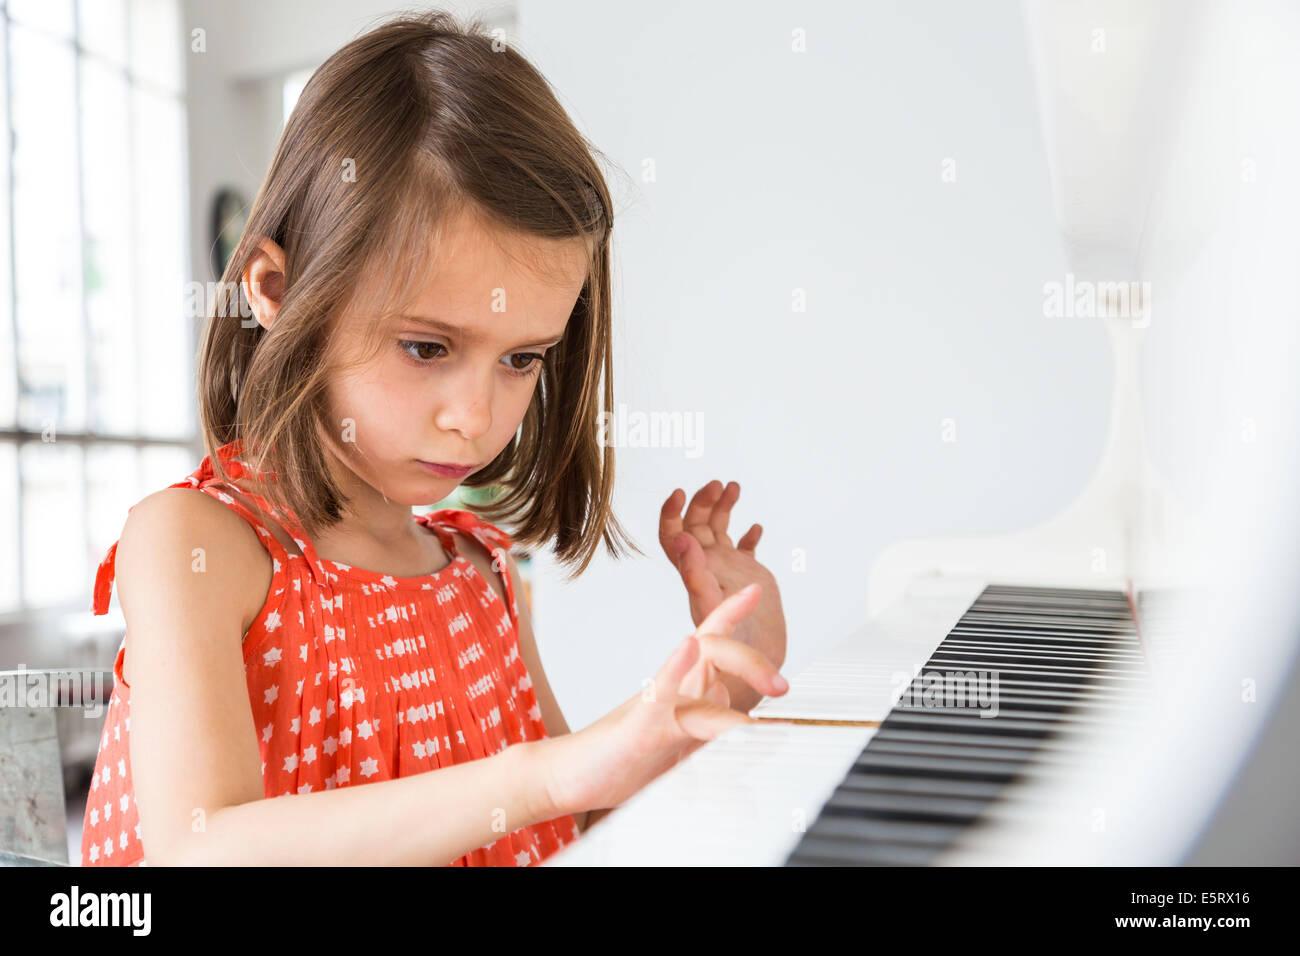 5-anno-vecchia ragazza suonare il pianoforte. Immagini Stock